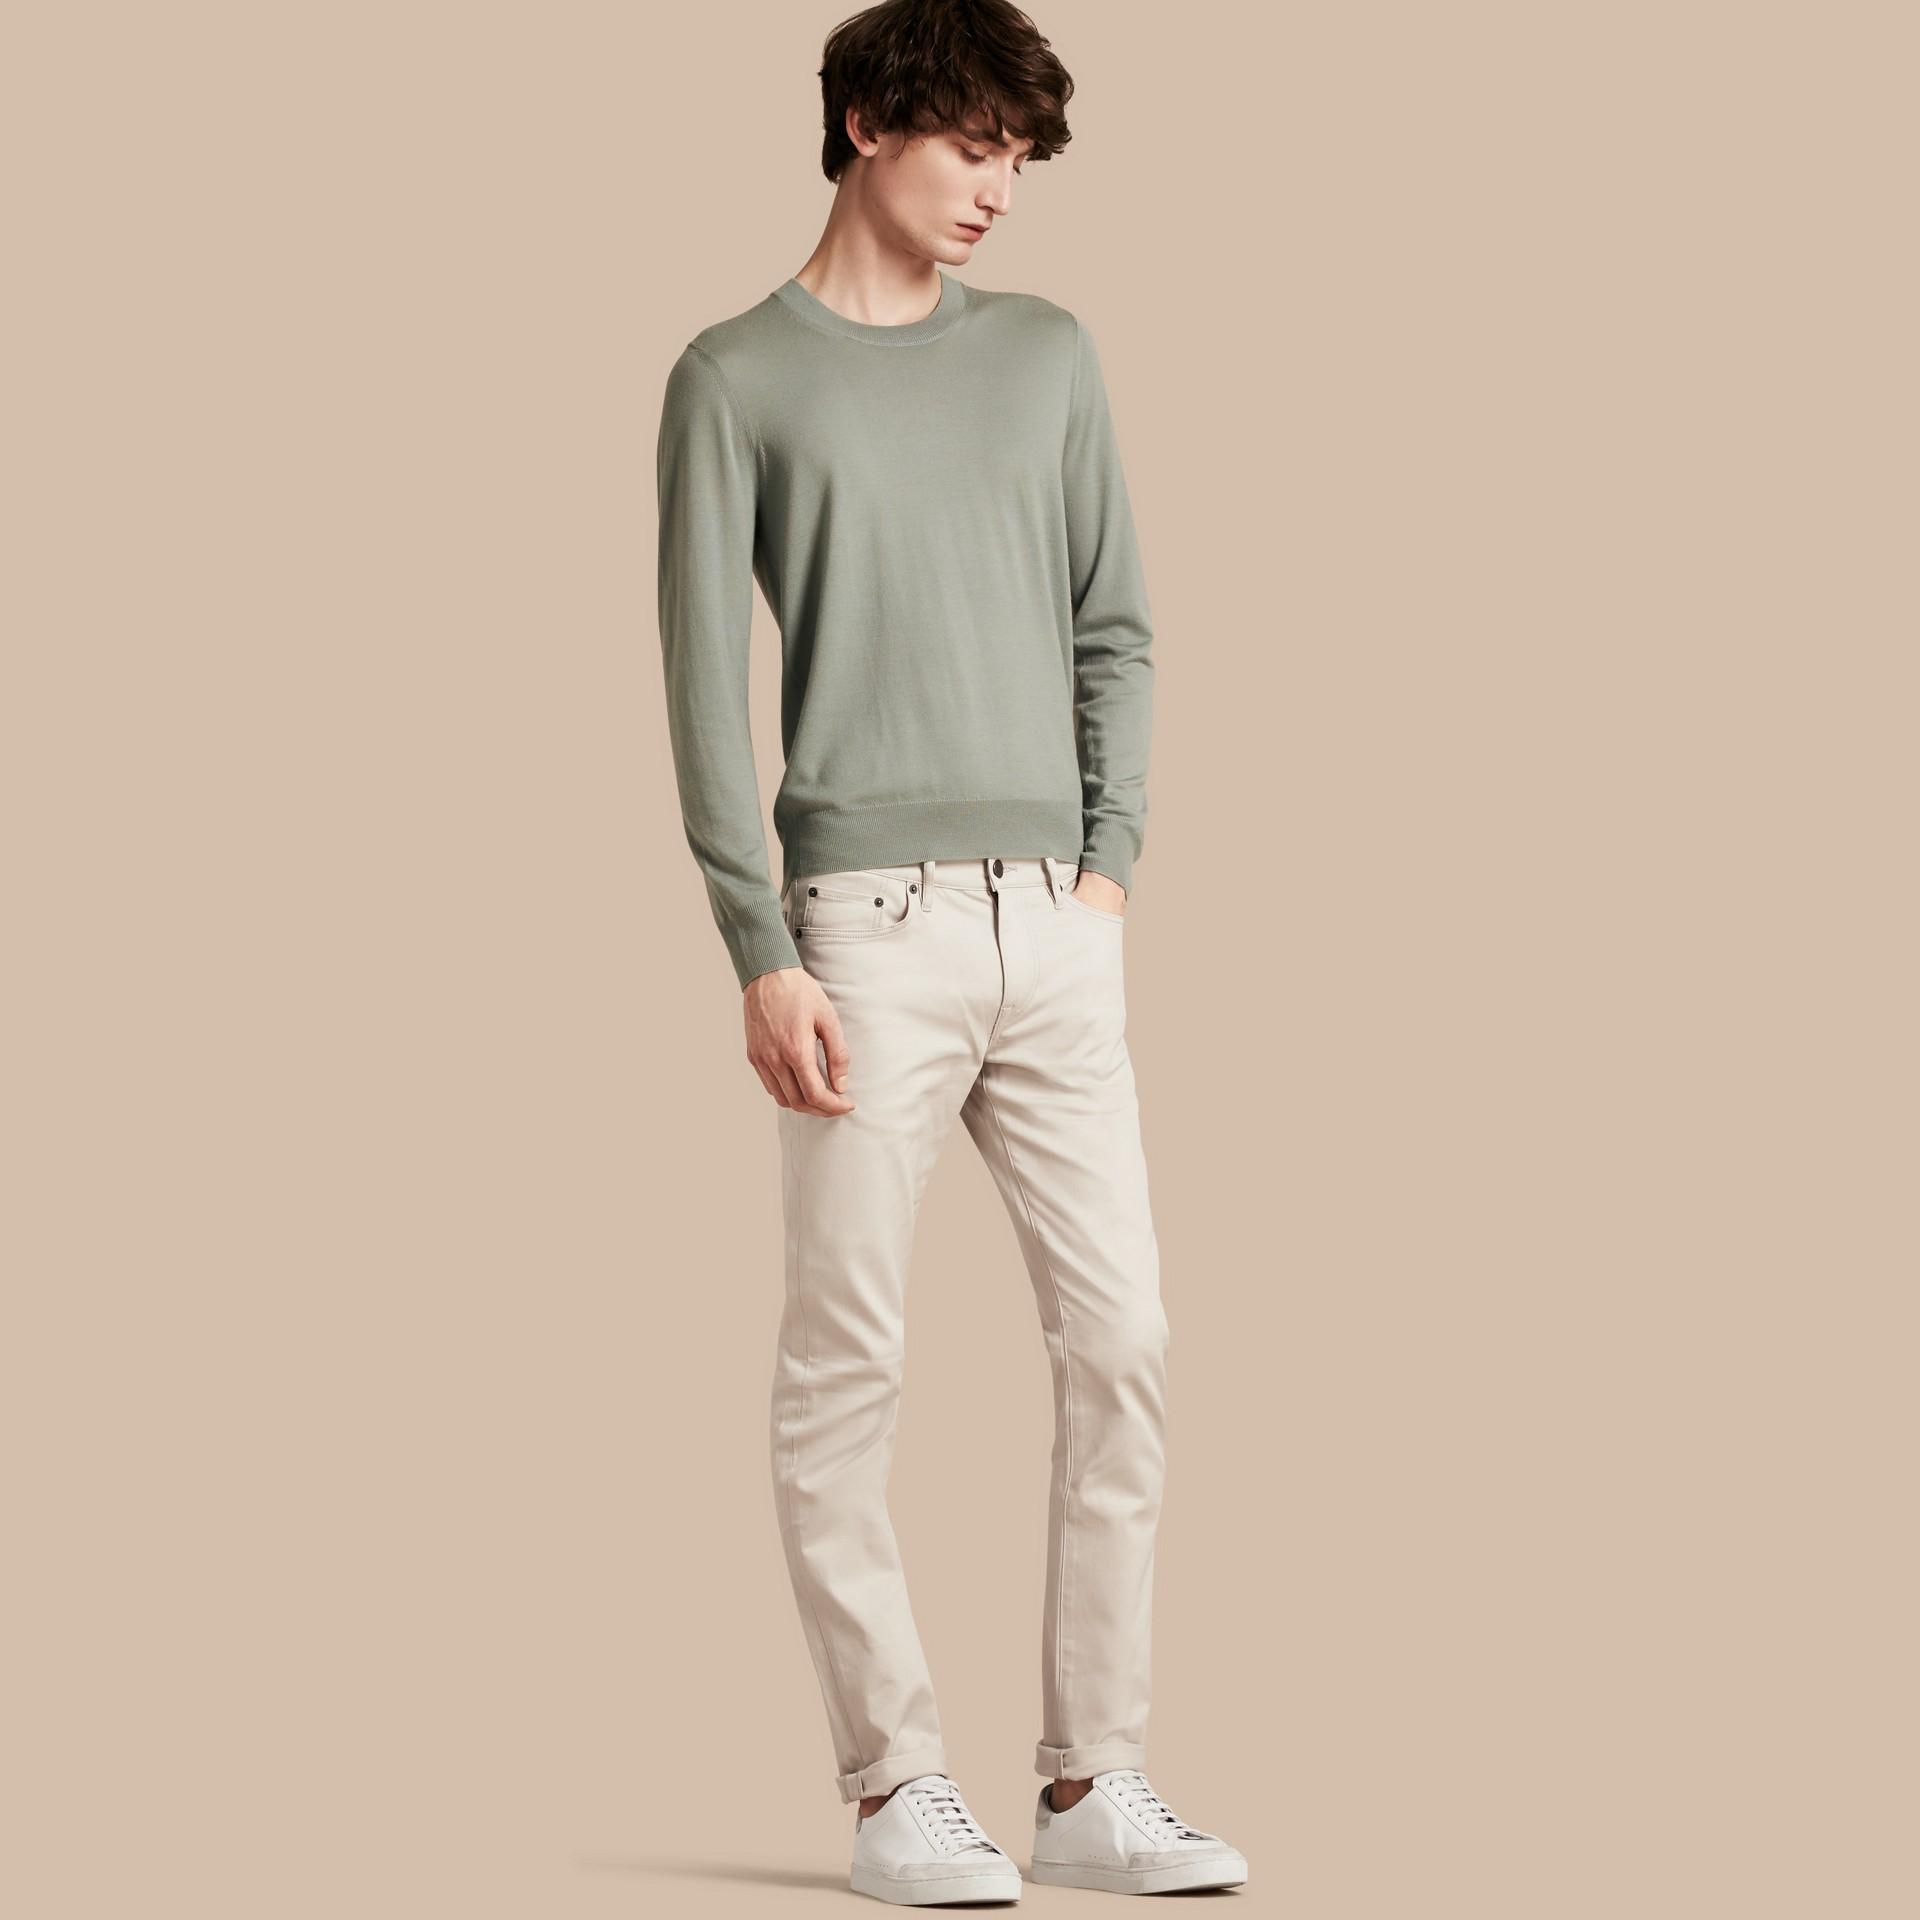 淡石色 修身剪裁日本伸縮牛仔褲 淡石色 - 圖庫照片 1